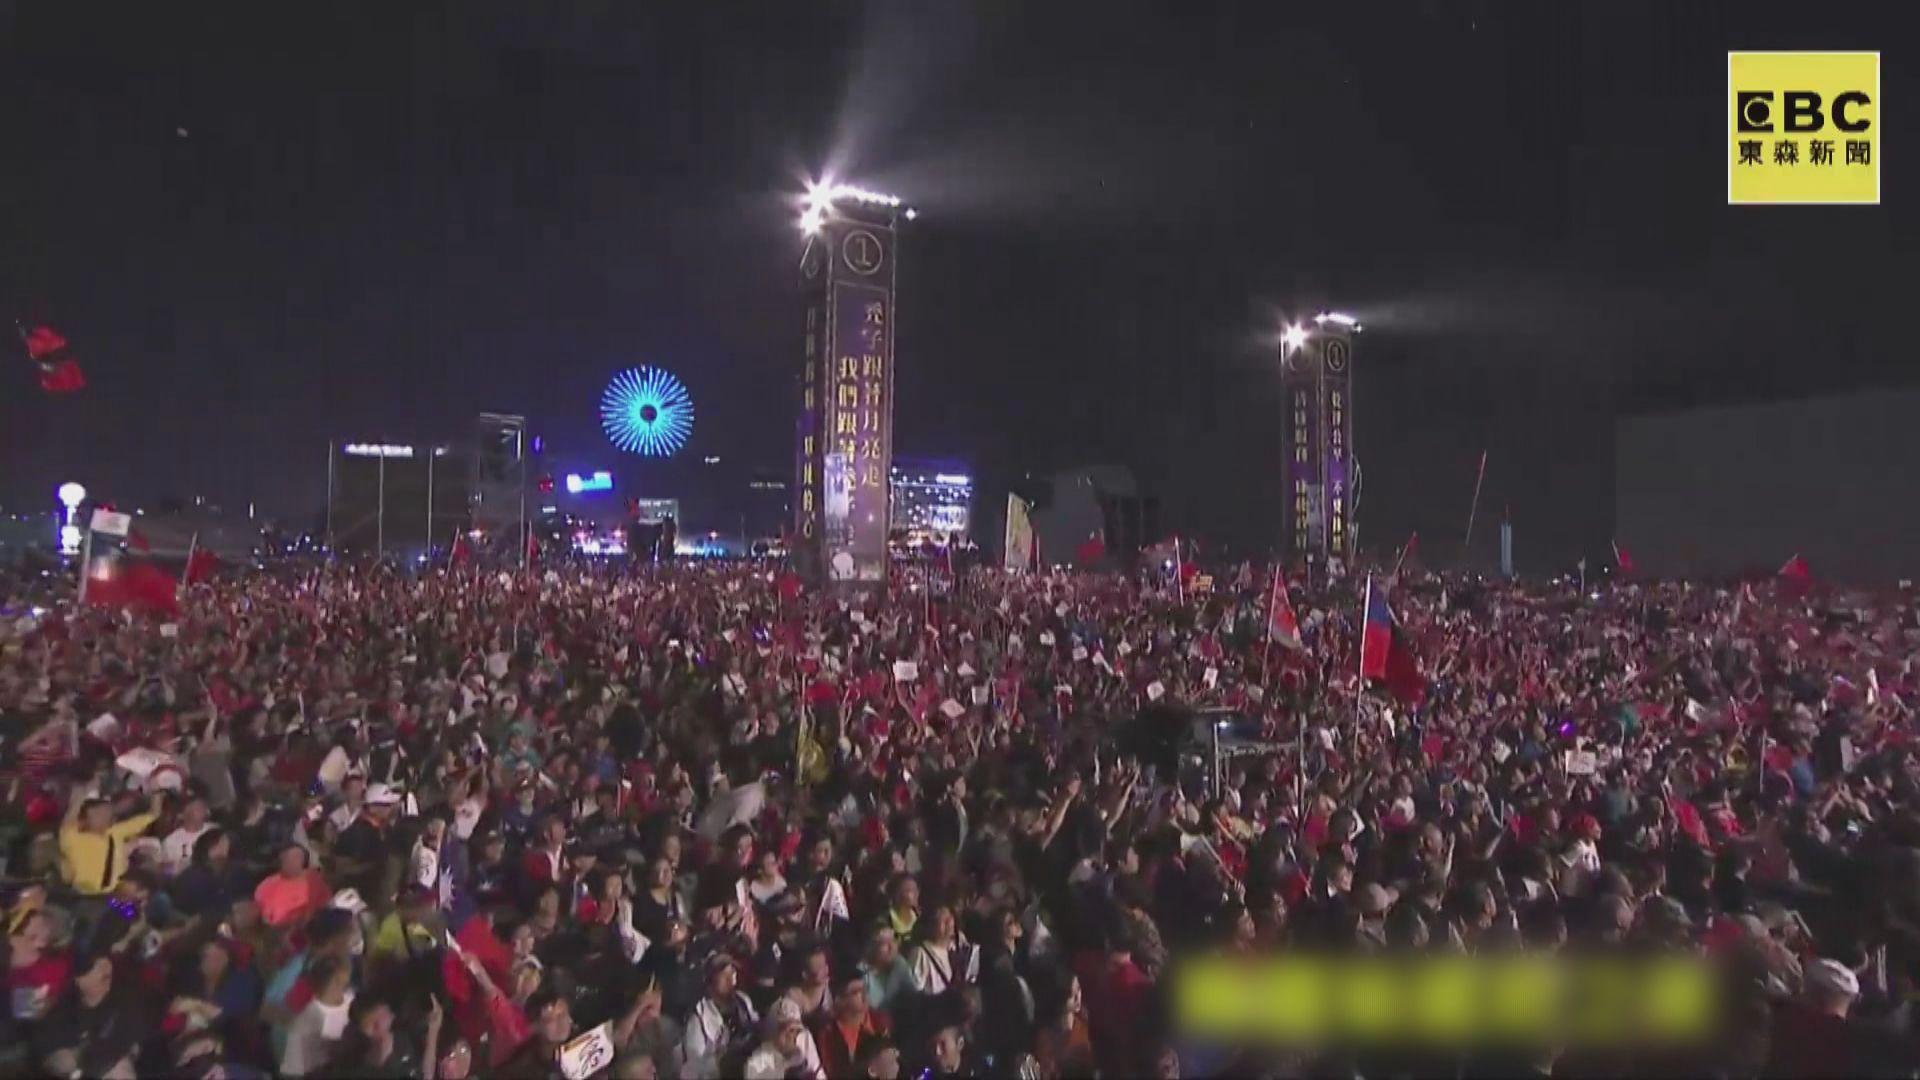 台灣九合一選舉反映無黨派勢力抬頭